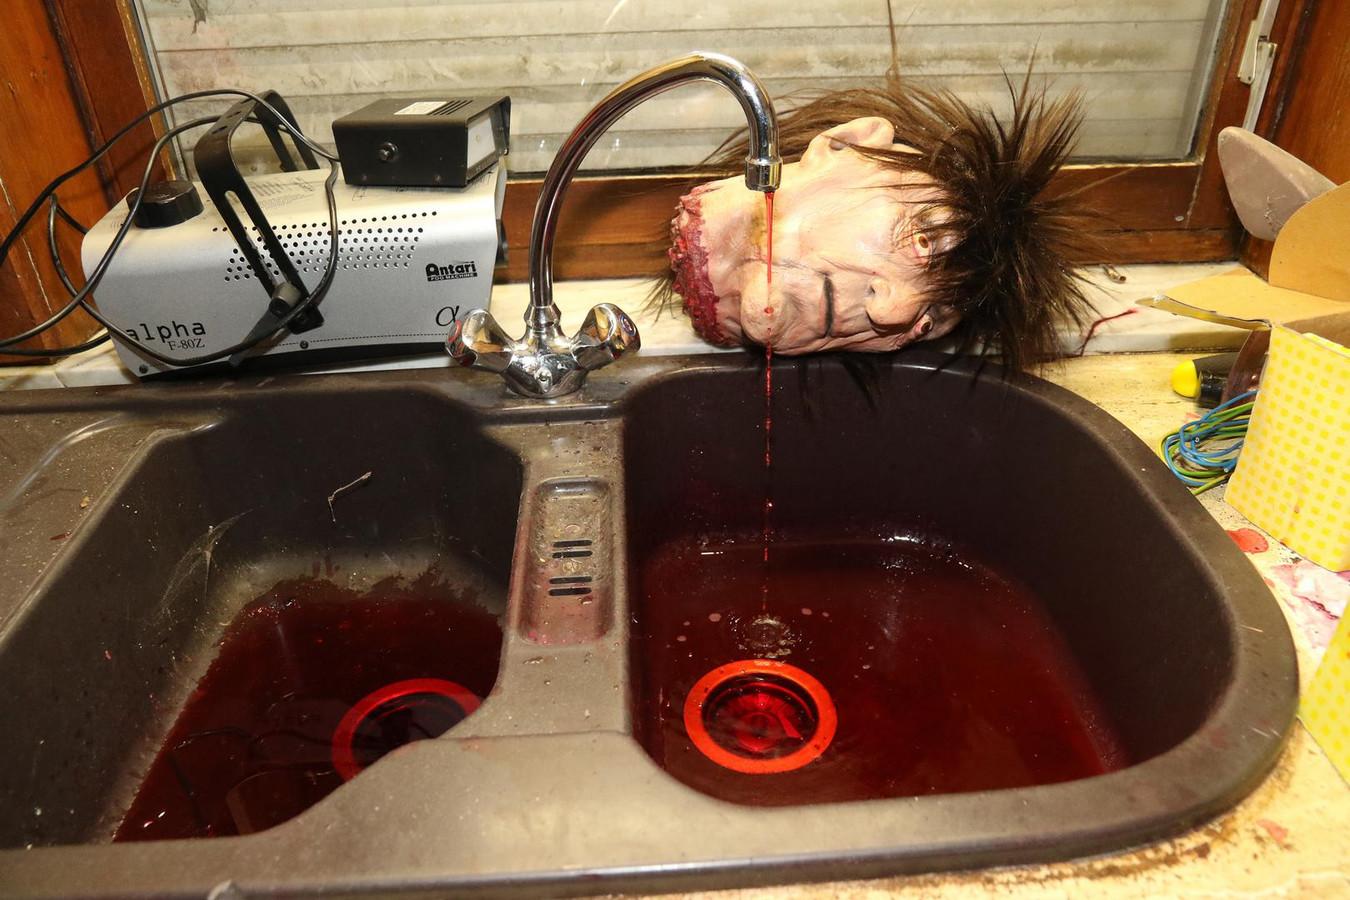 In de keuken ligt een afgehakt hoofd en er loopt bloed uit de kraan.